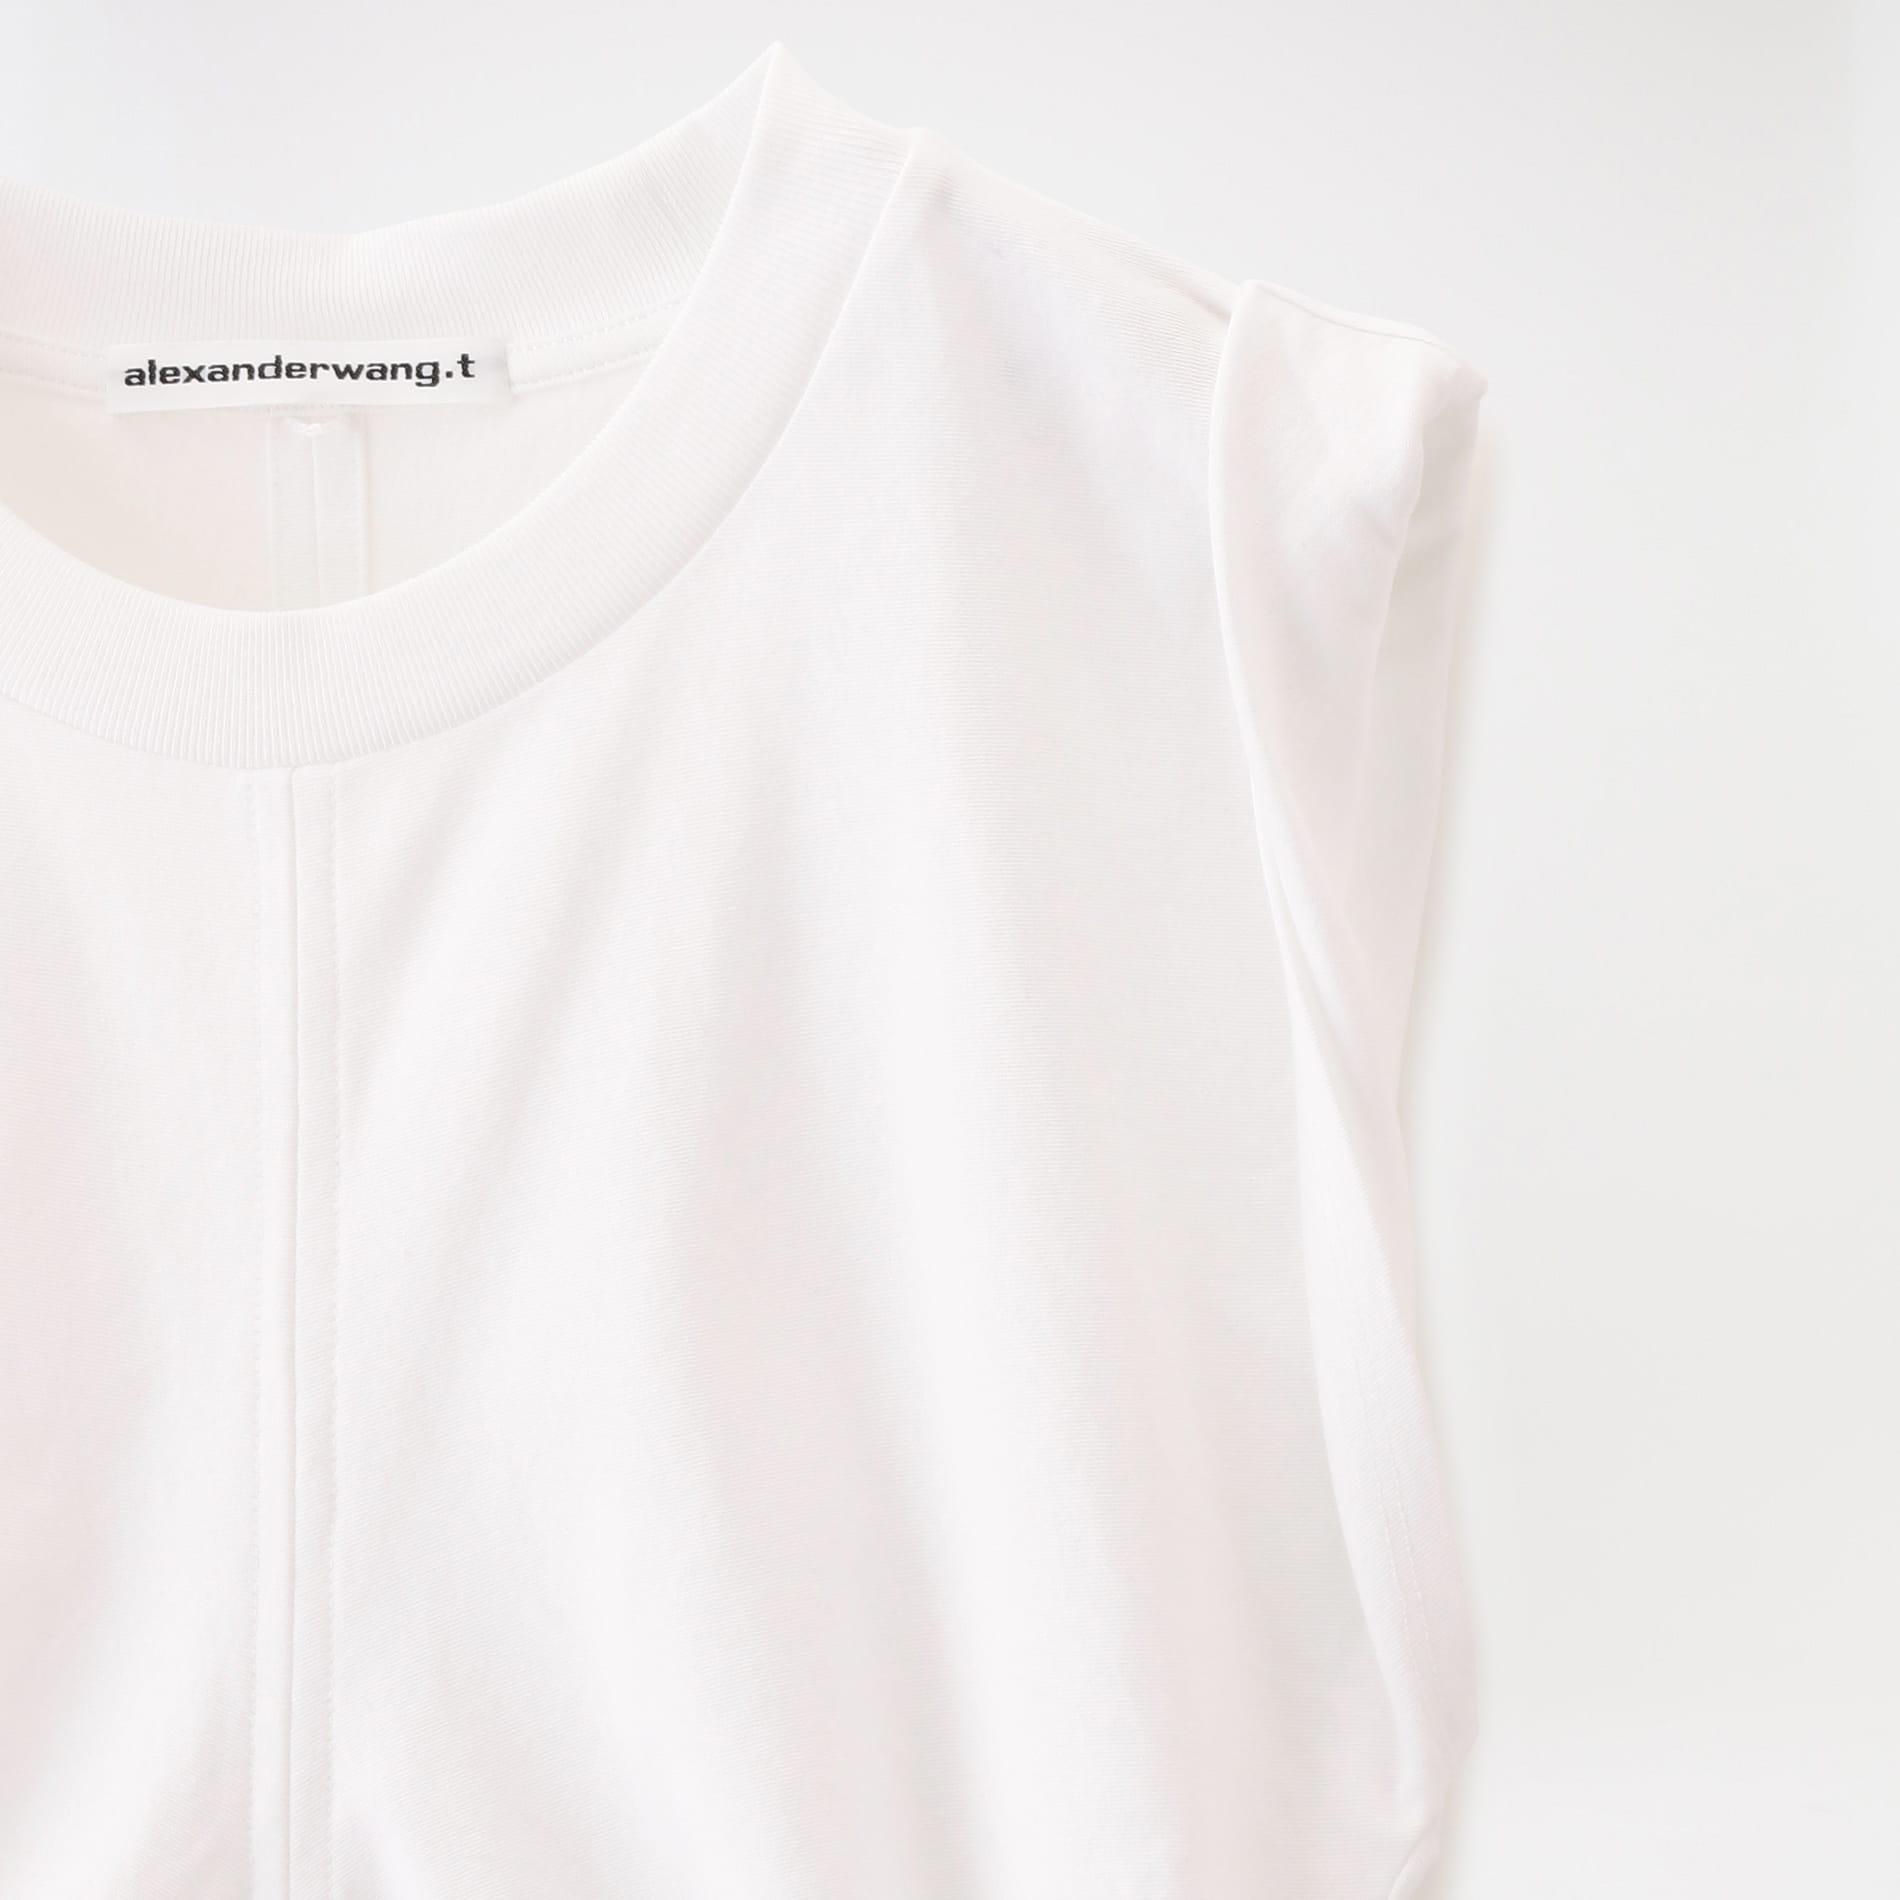 【alexanderwang.t】WOMEN WASH & CO H.TWIST JSY CROP TOP W/ SIDE TIES 4CC2191096